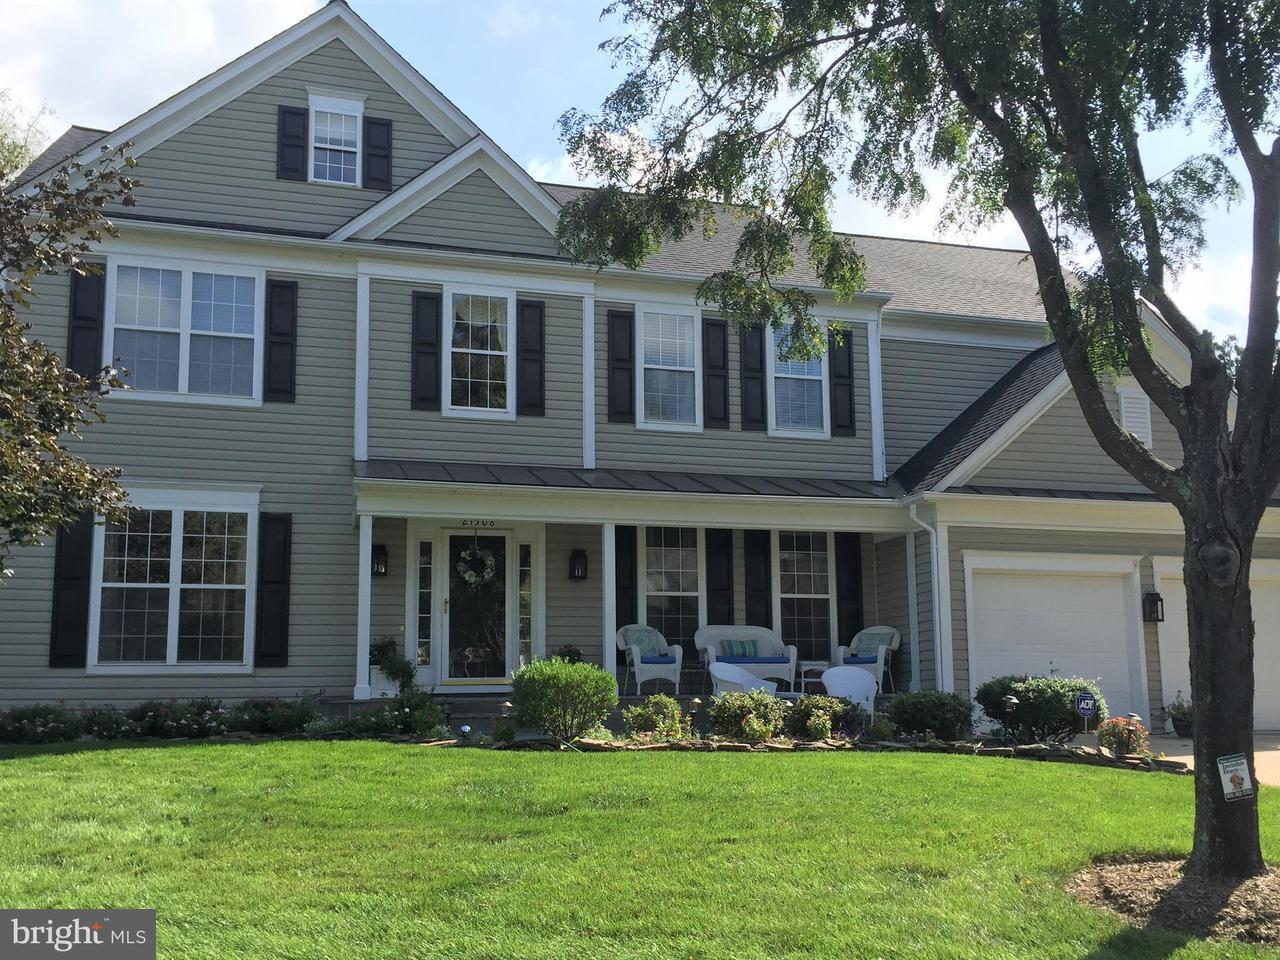 Частный односемейный дом для того Продажа на 21508 HEARTHSTONE Court 21508 HEARTHSTONE Court Broadlands, Виргиния 20148 Соединенные Штаты